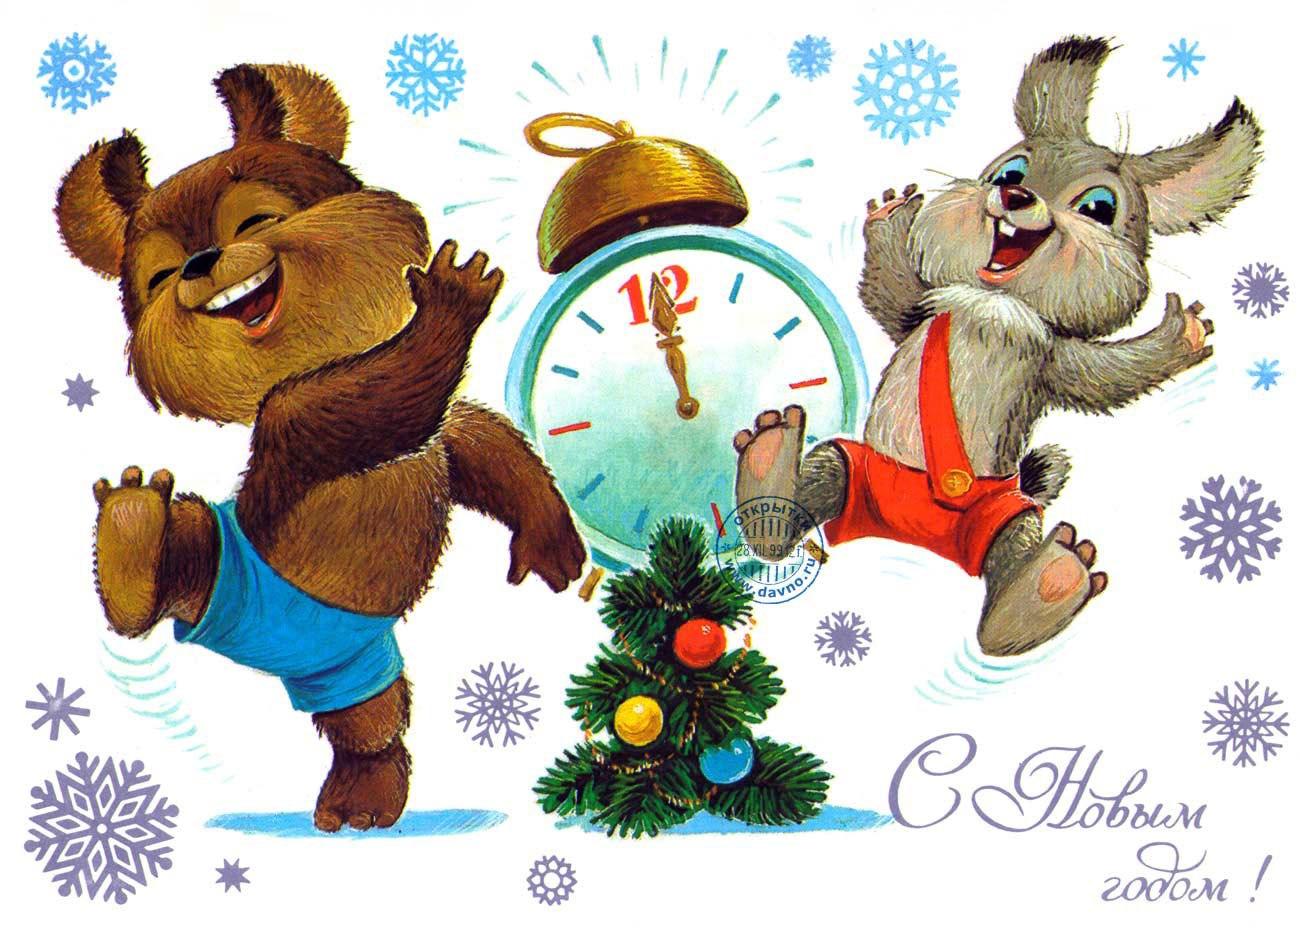 Мультяшки поздравляют с новым годом